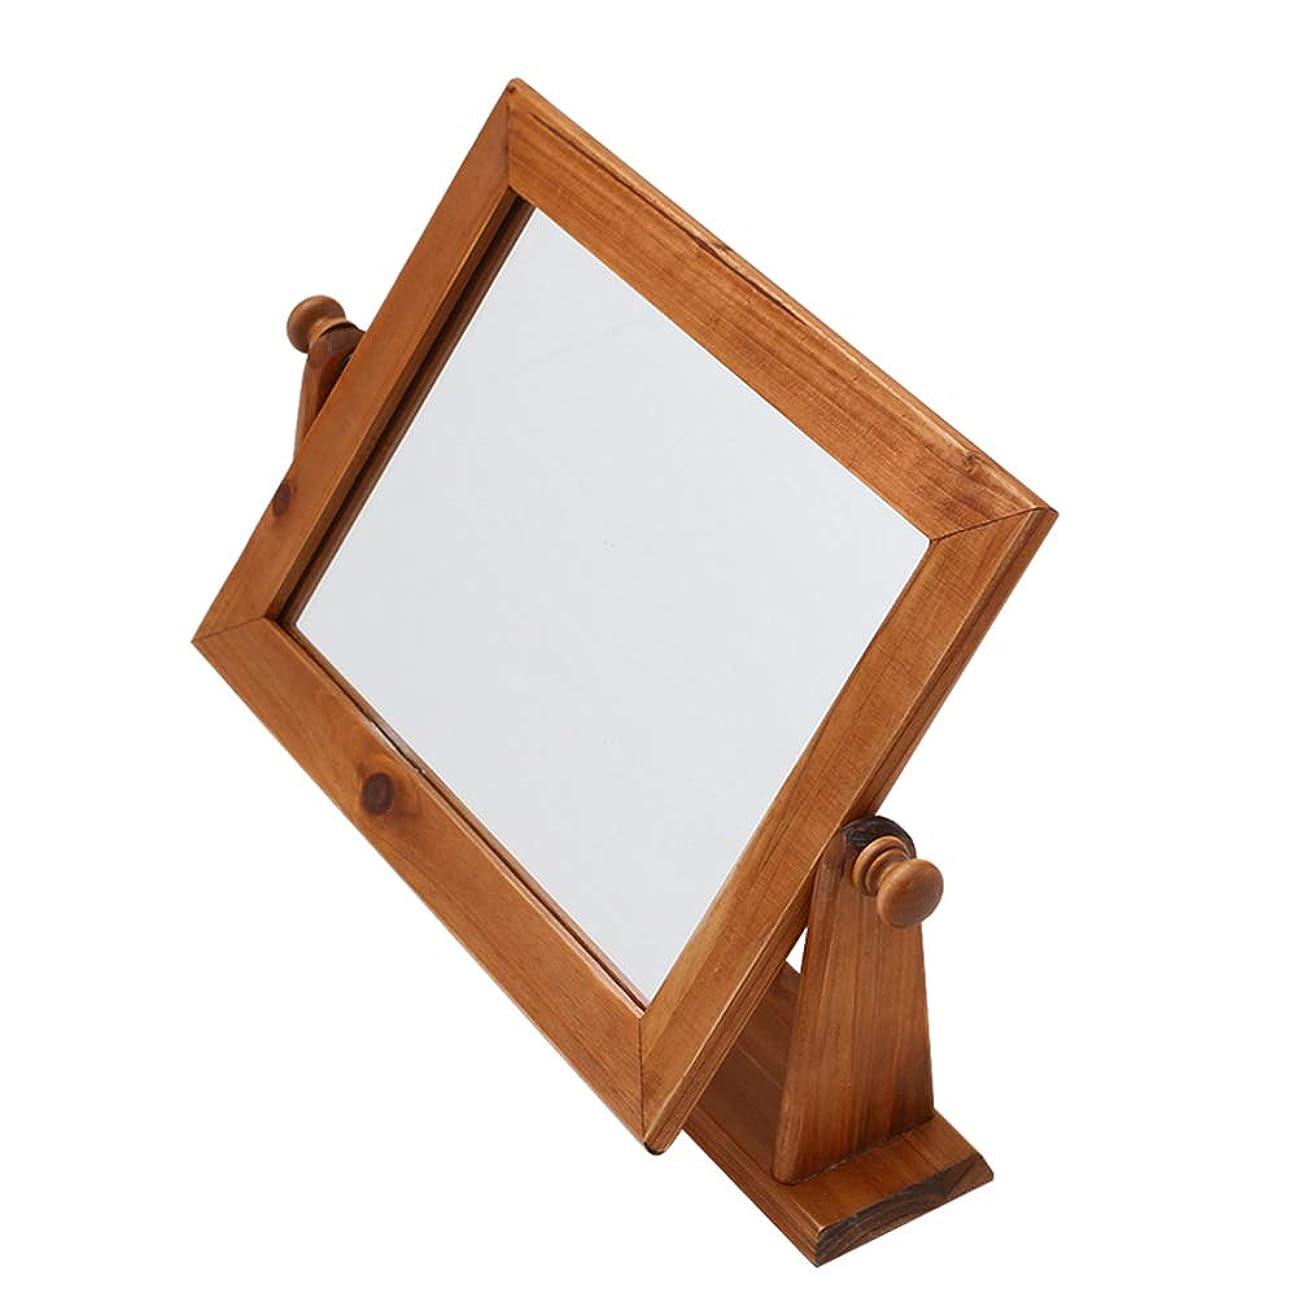 一族ふくろう家庭教師純木化粧鏡、デスクトッププリンセスミラーヨーロッパ現代のカウンタートップミラー浴室シングルミラー小さなミラー